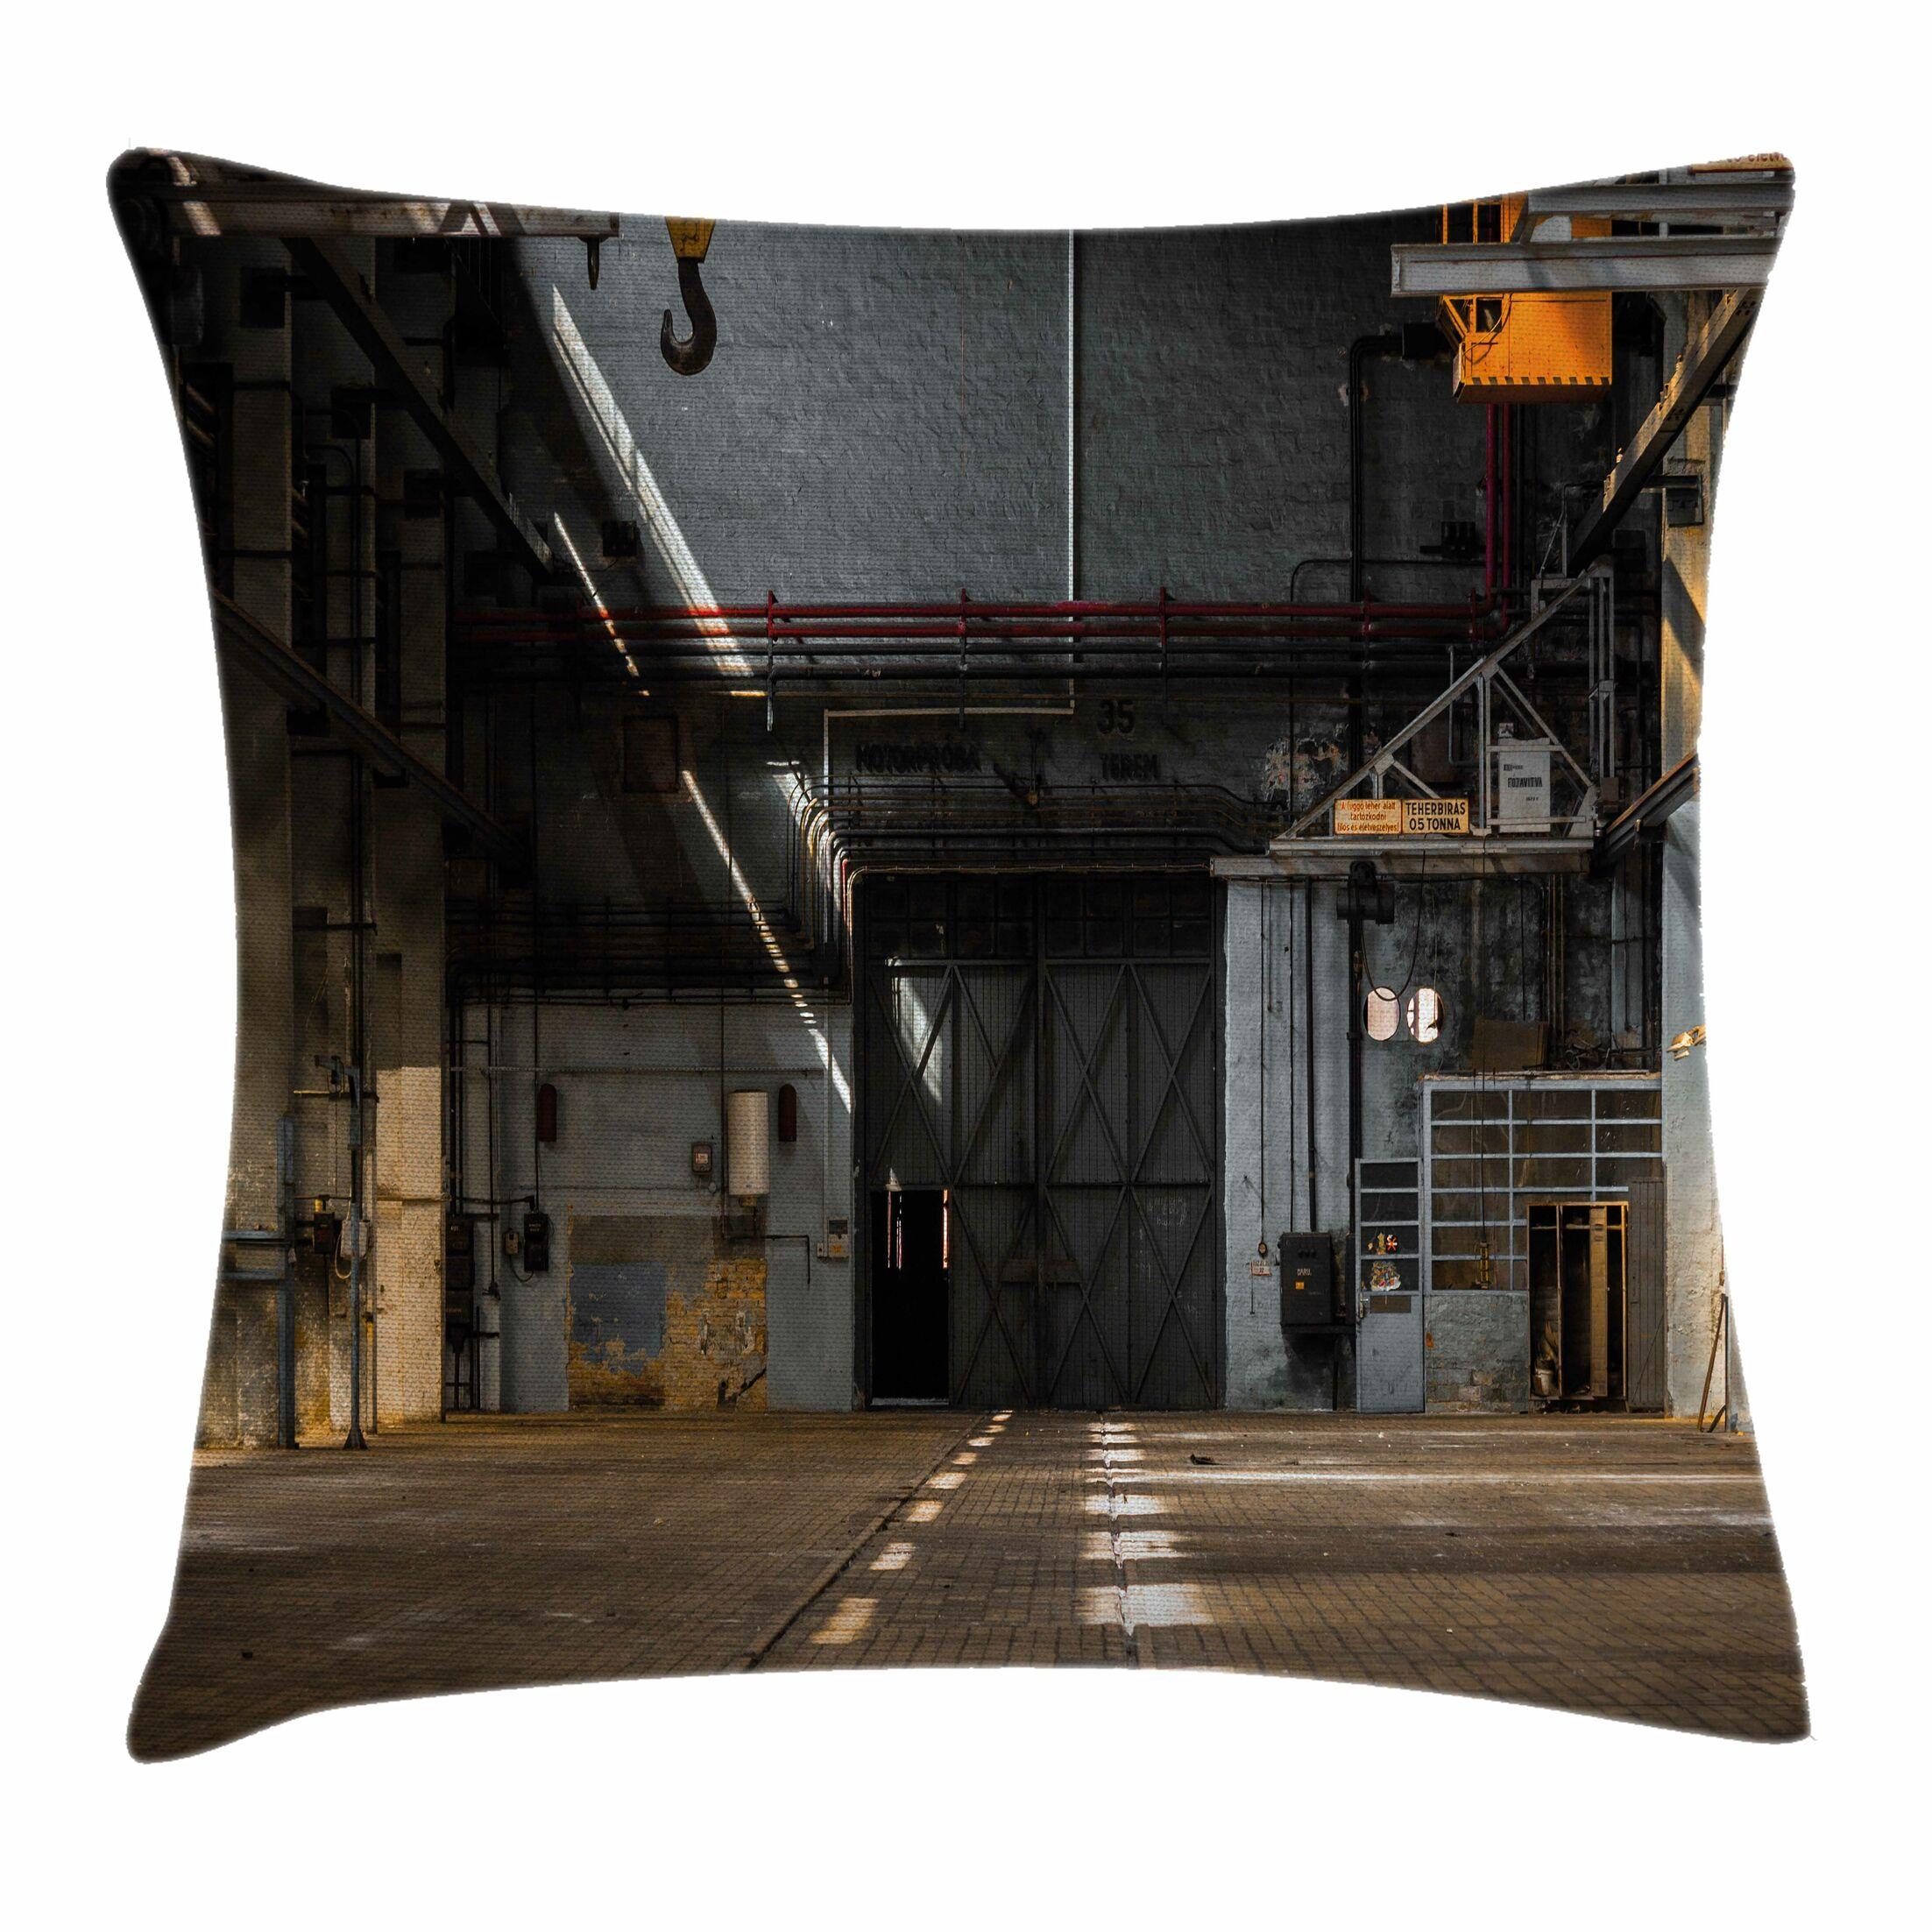 Dark Interior Square Pillow Cover Size: 16